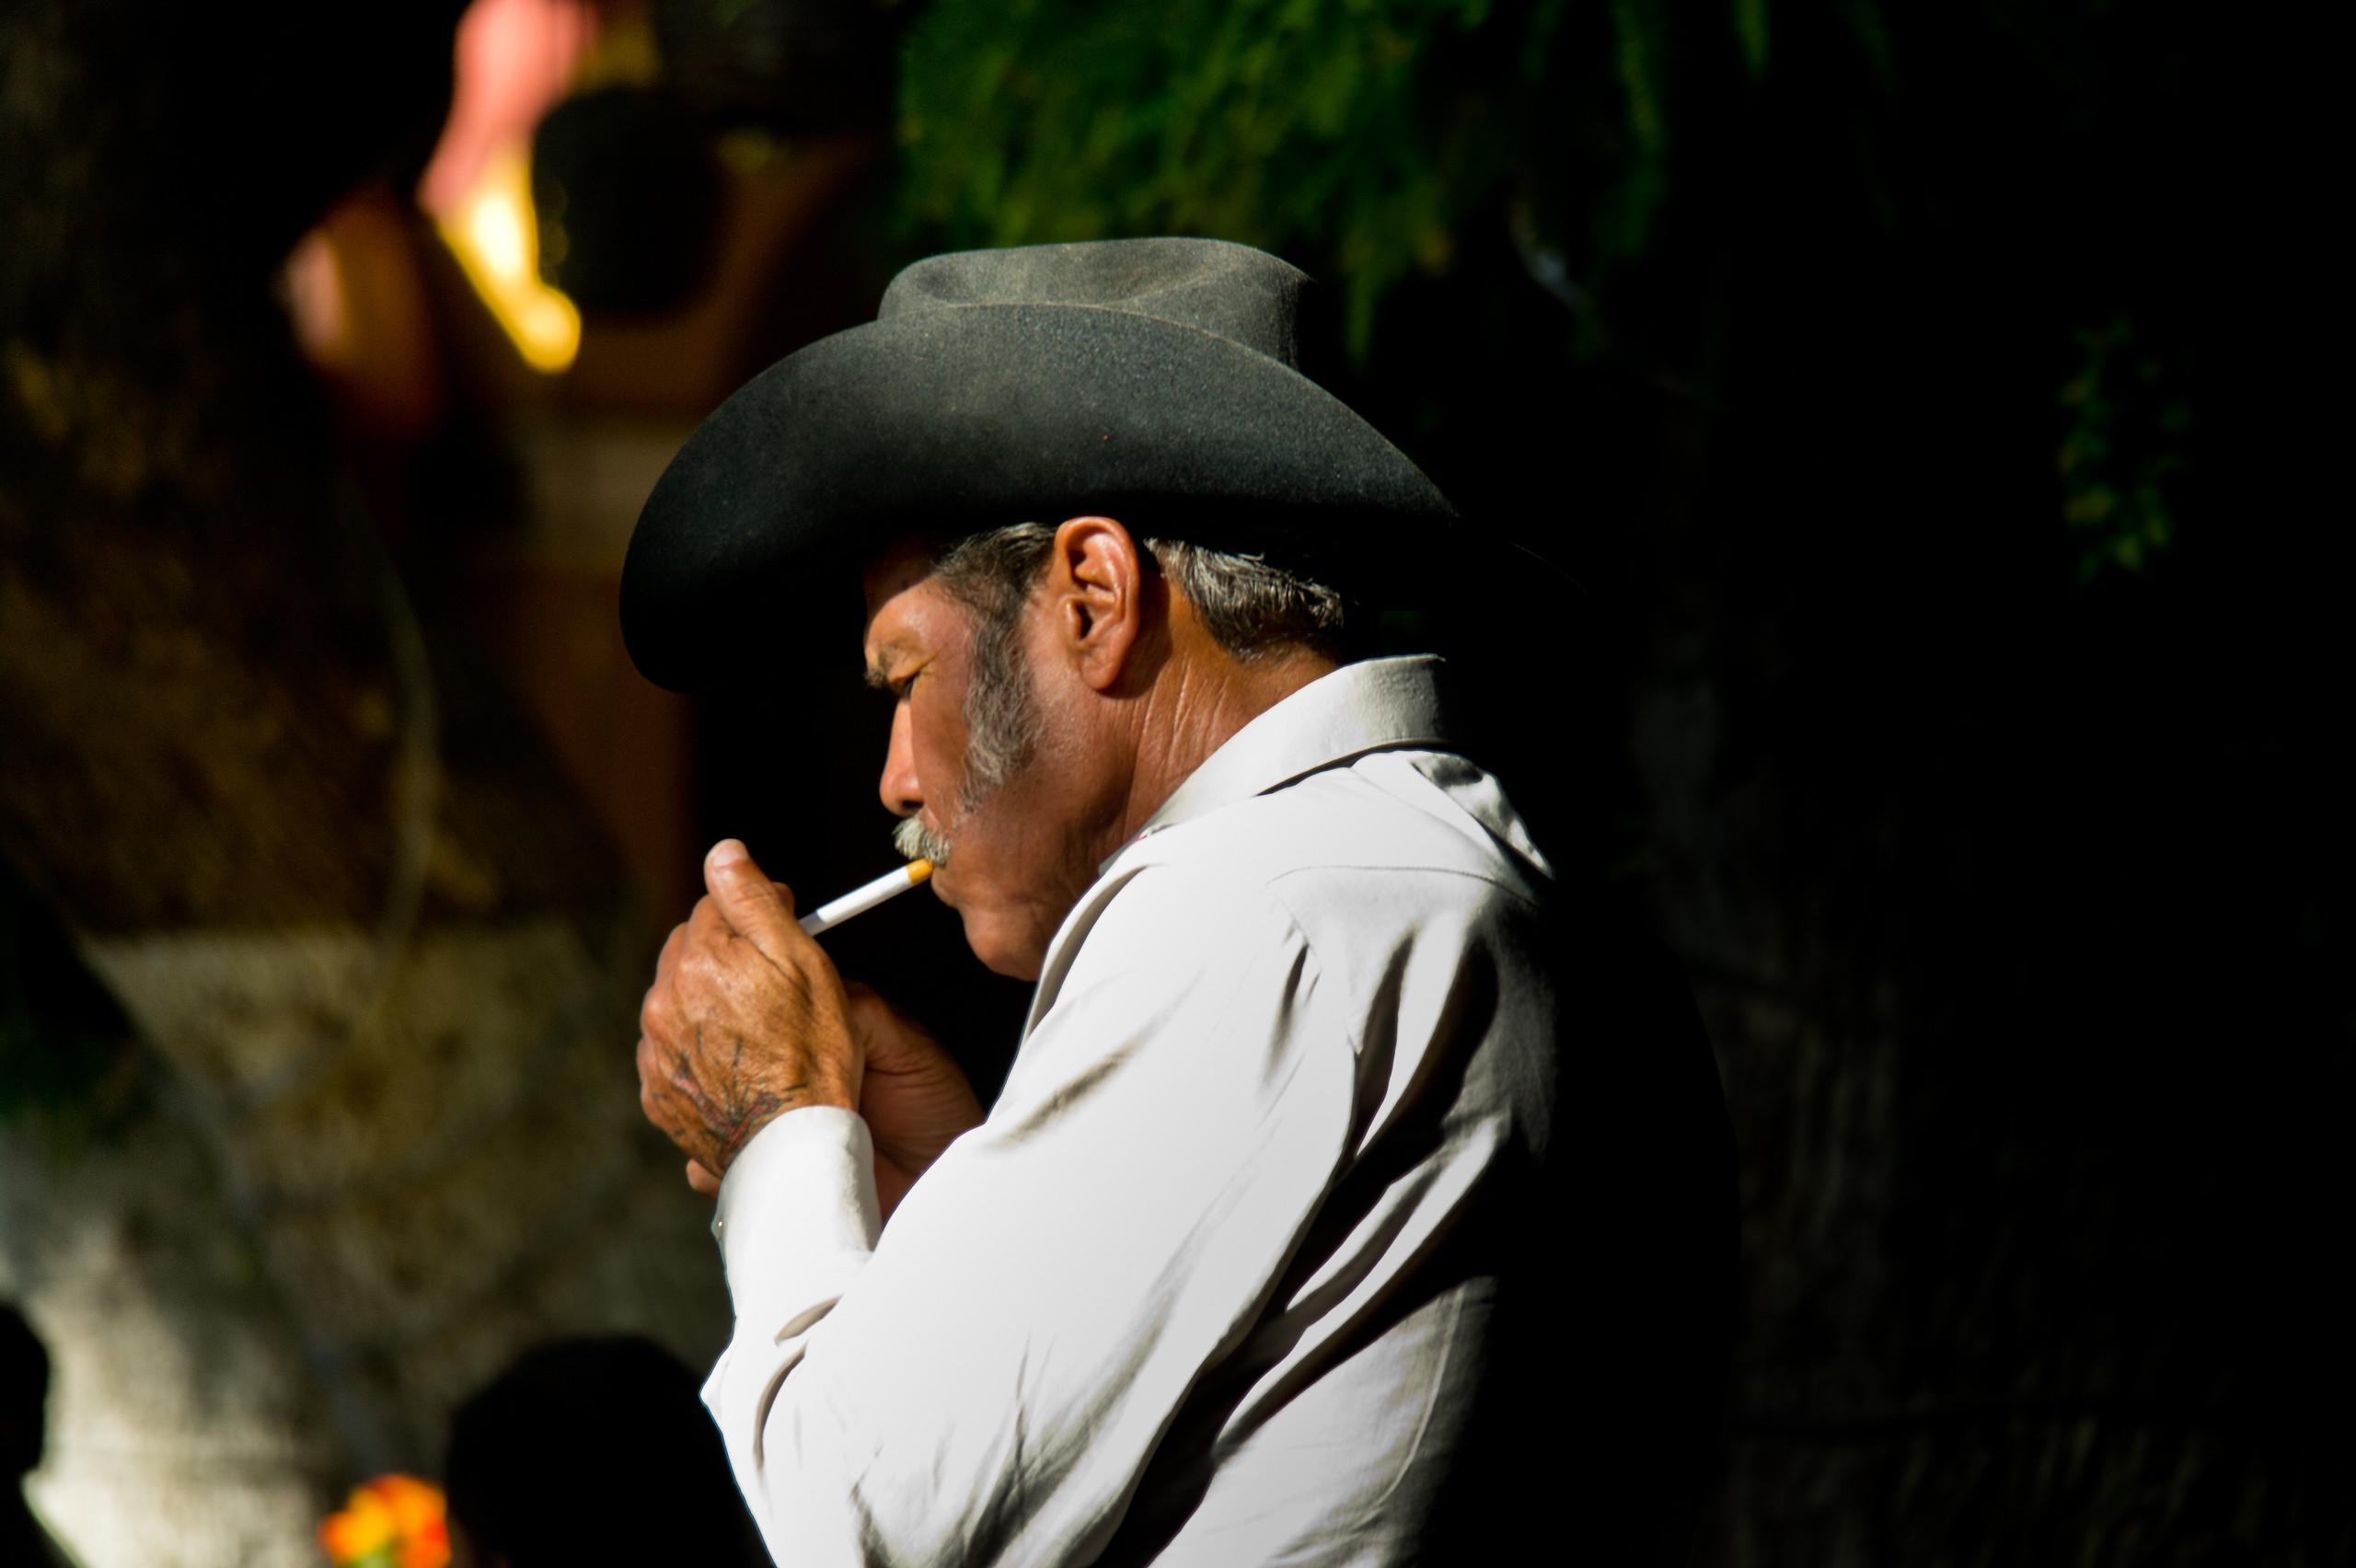 A Cowboy lights up at El Parian, Tlaquepaque, Guadalajara, Mexico.